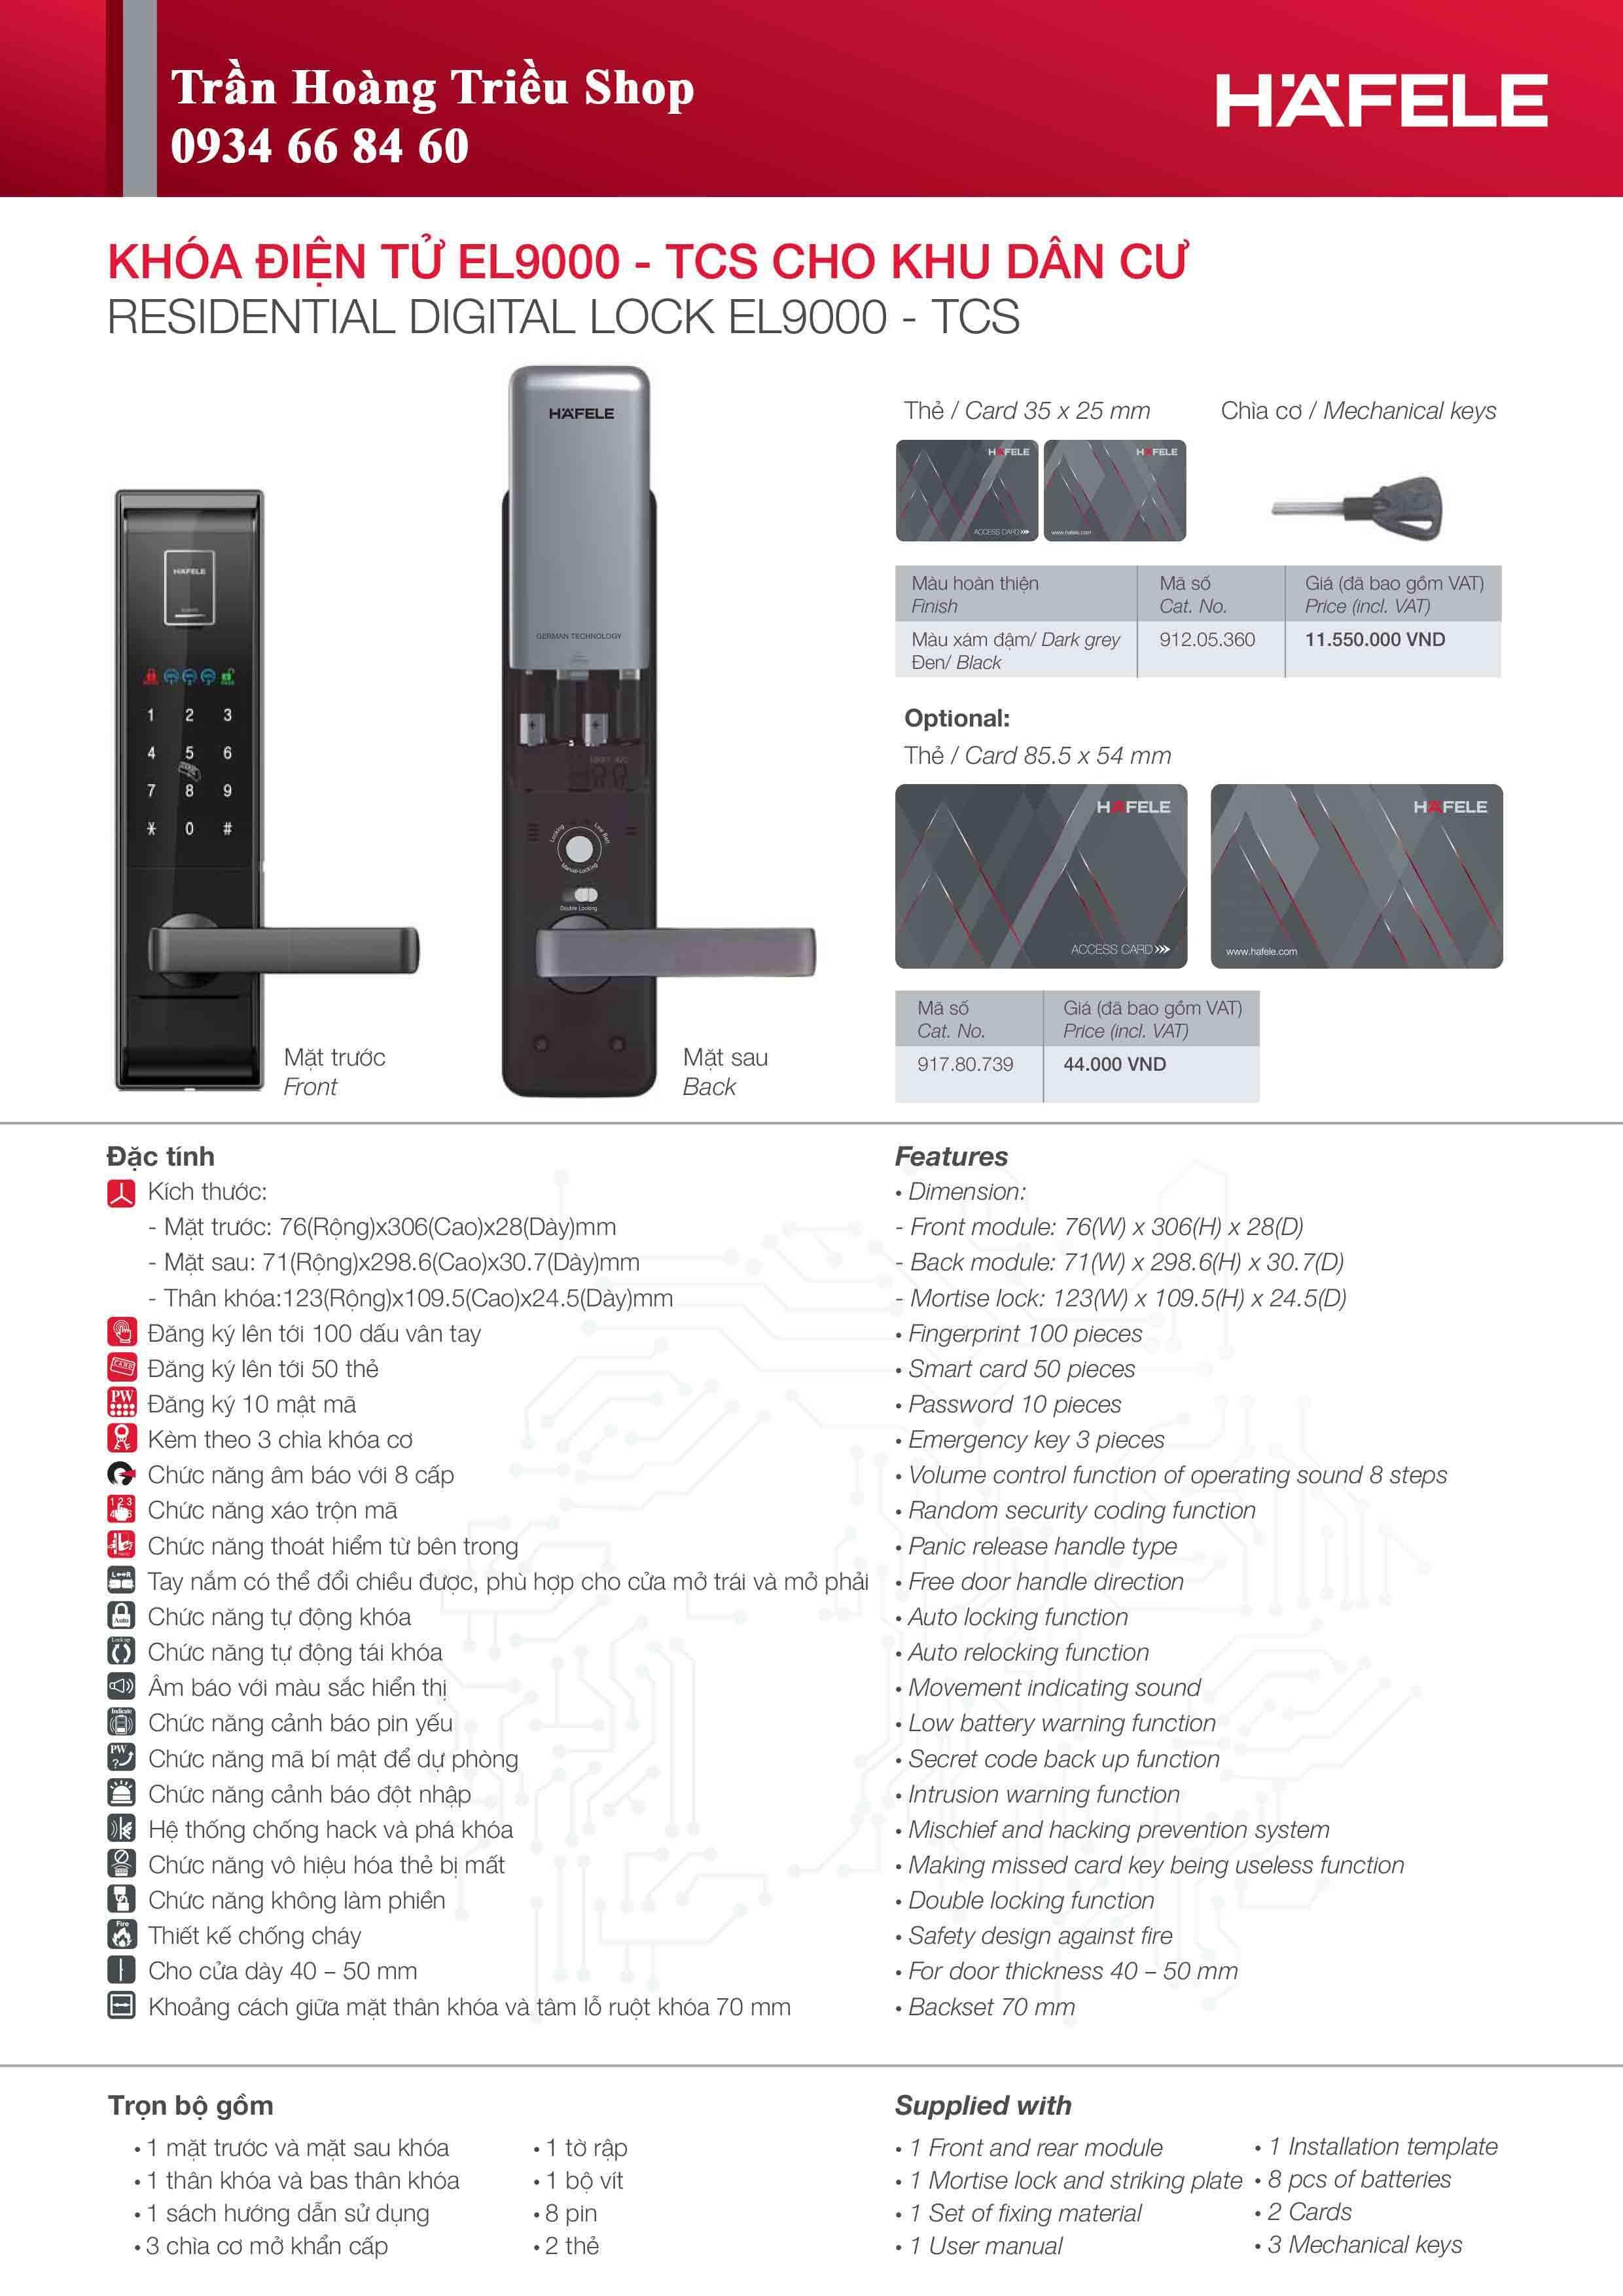 Khóa điện tử Hafele EL9000